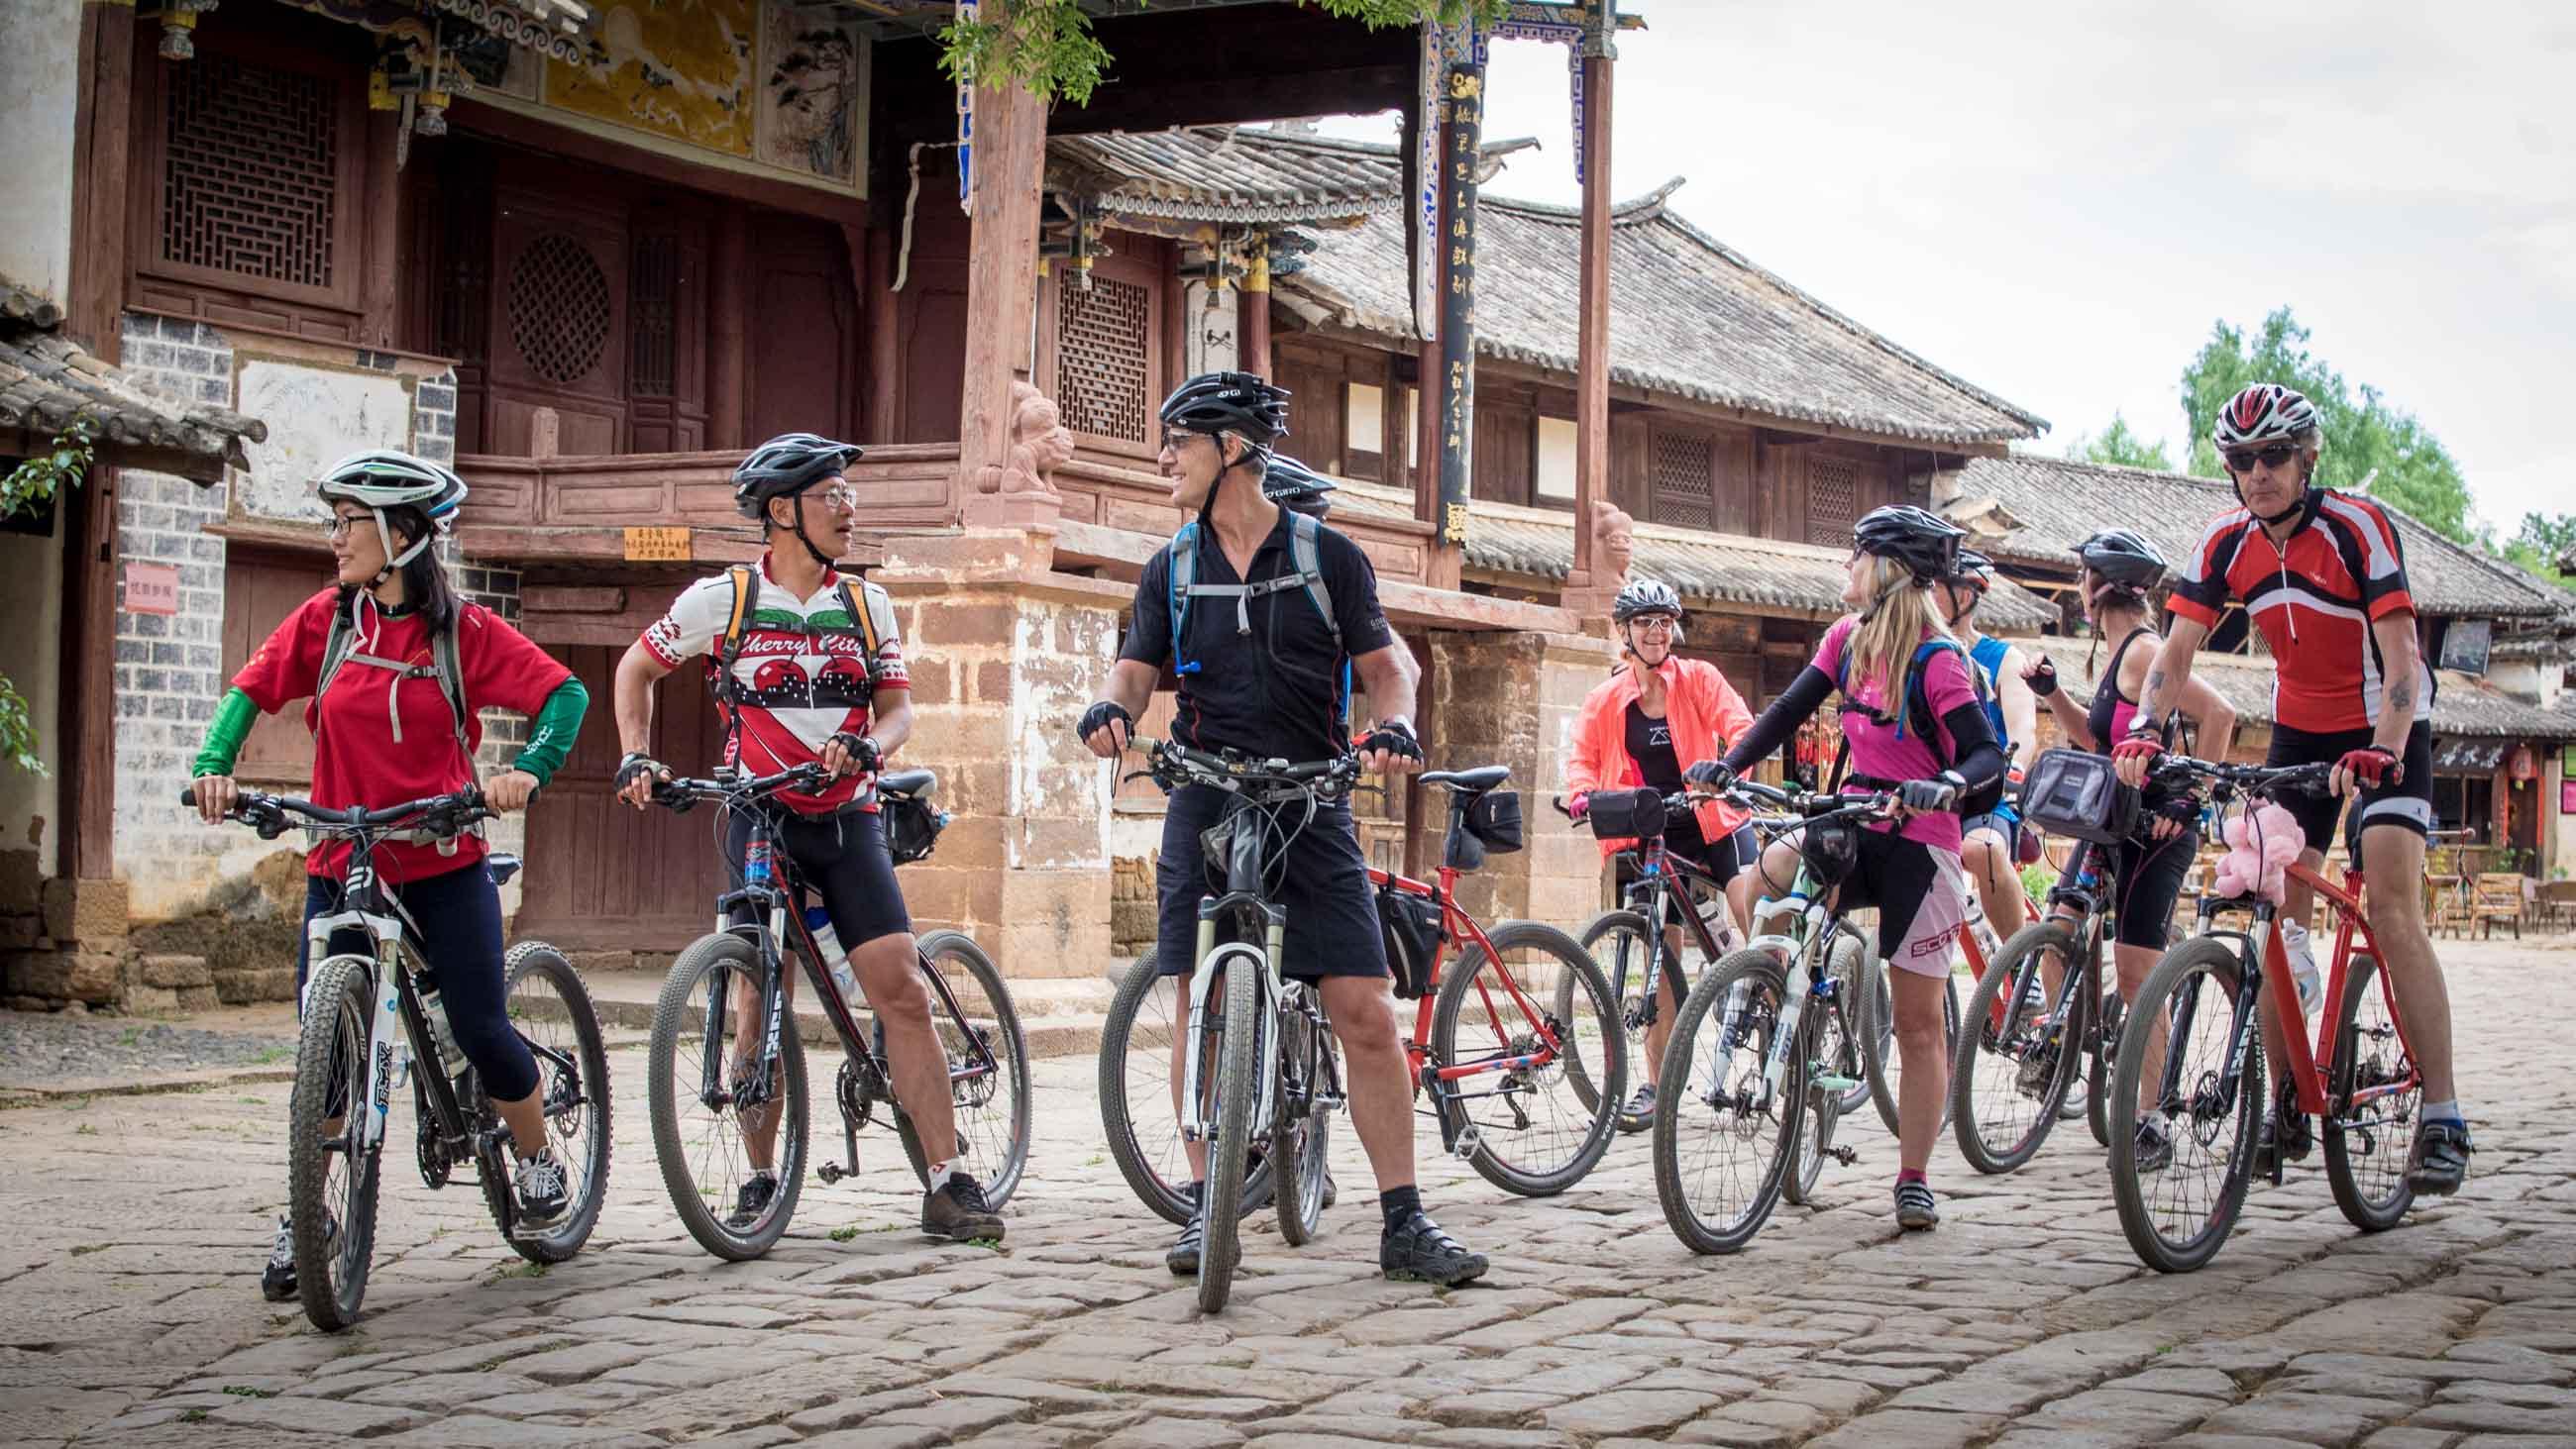 تور دوچرخه سواری | رزرو آنلاین تور دوچرخه سواری با کمترین قیمت در کشور های اروپا